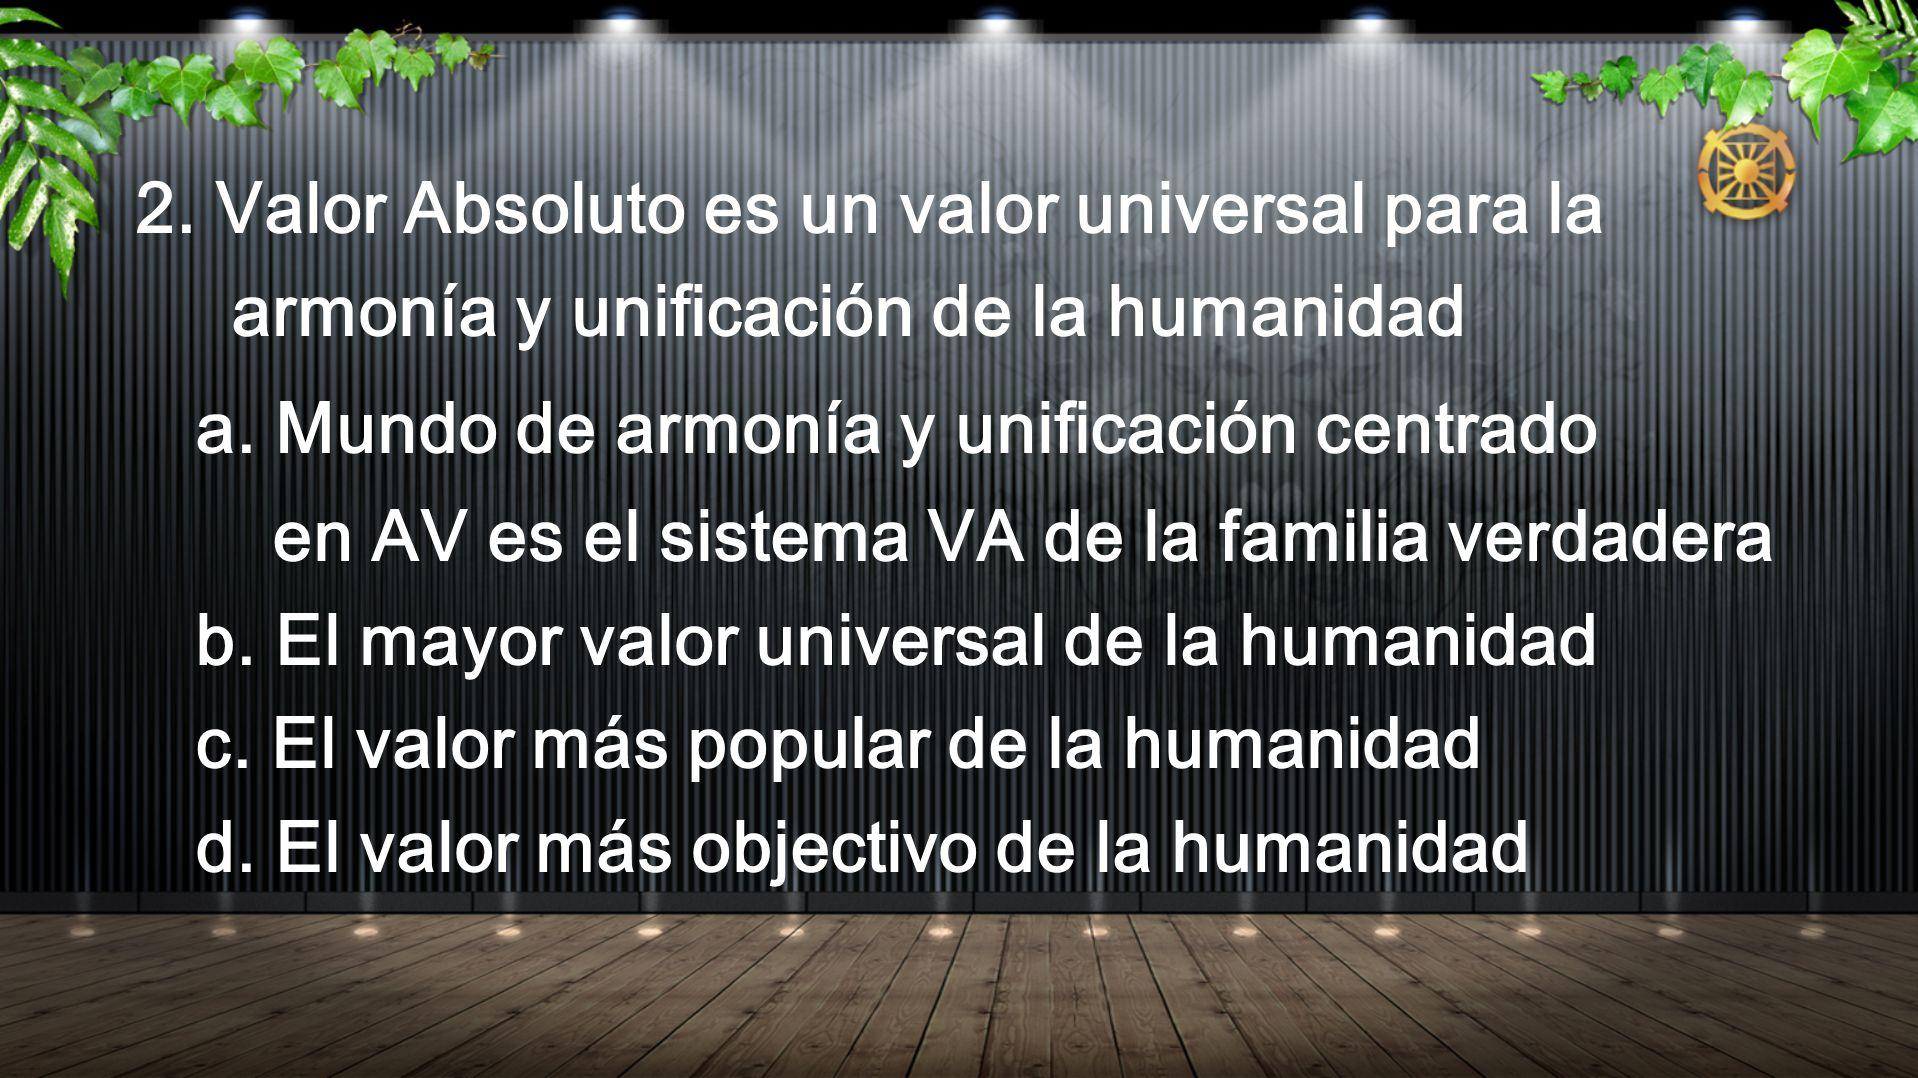 2. Valor Absoluto es un valor universal para la